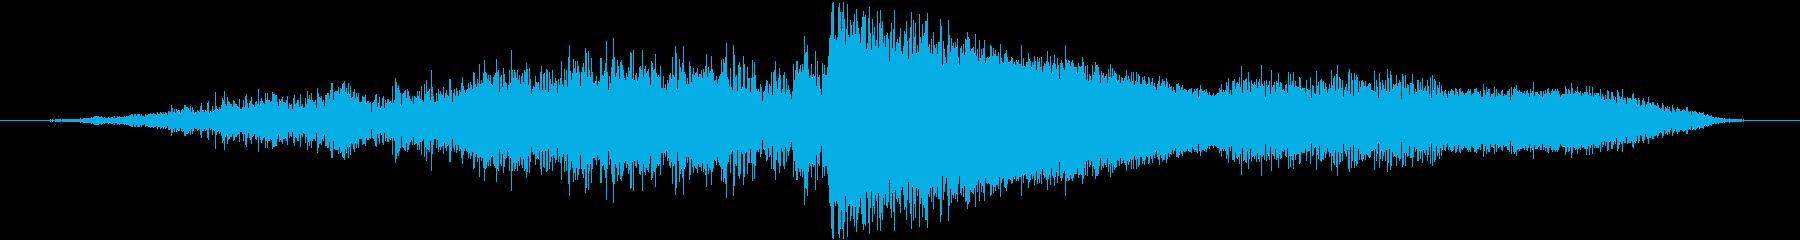 重い着信プラズマバースト爆発の再生済みの波形